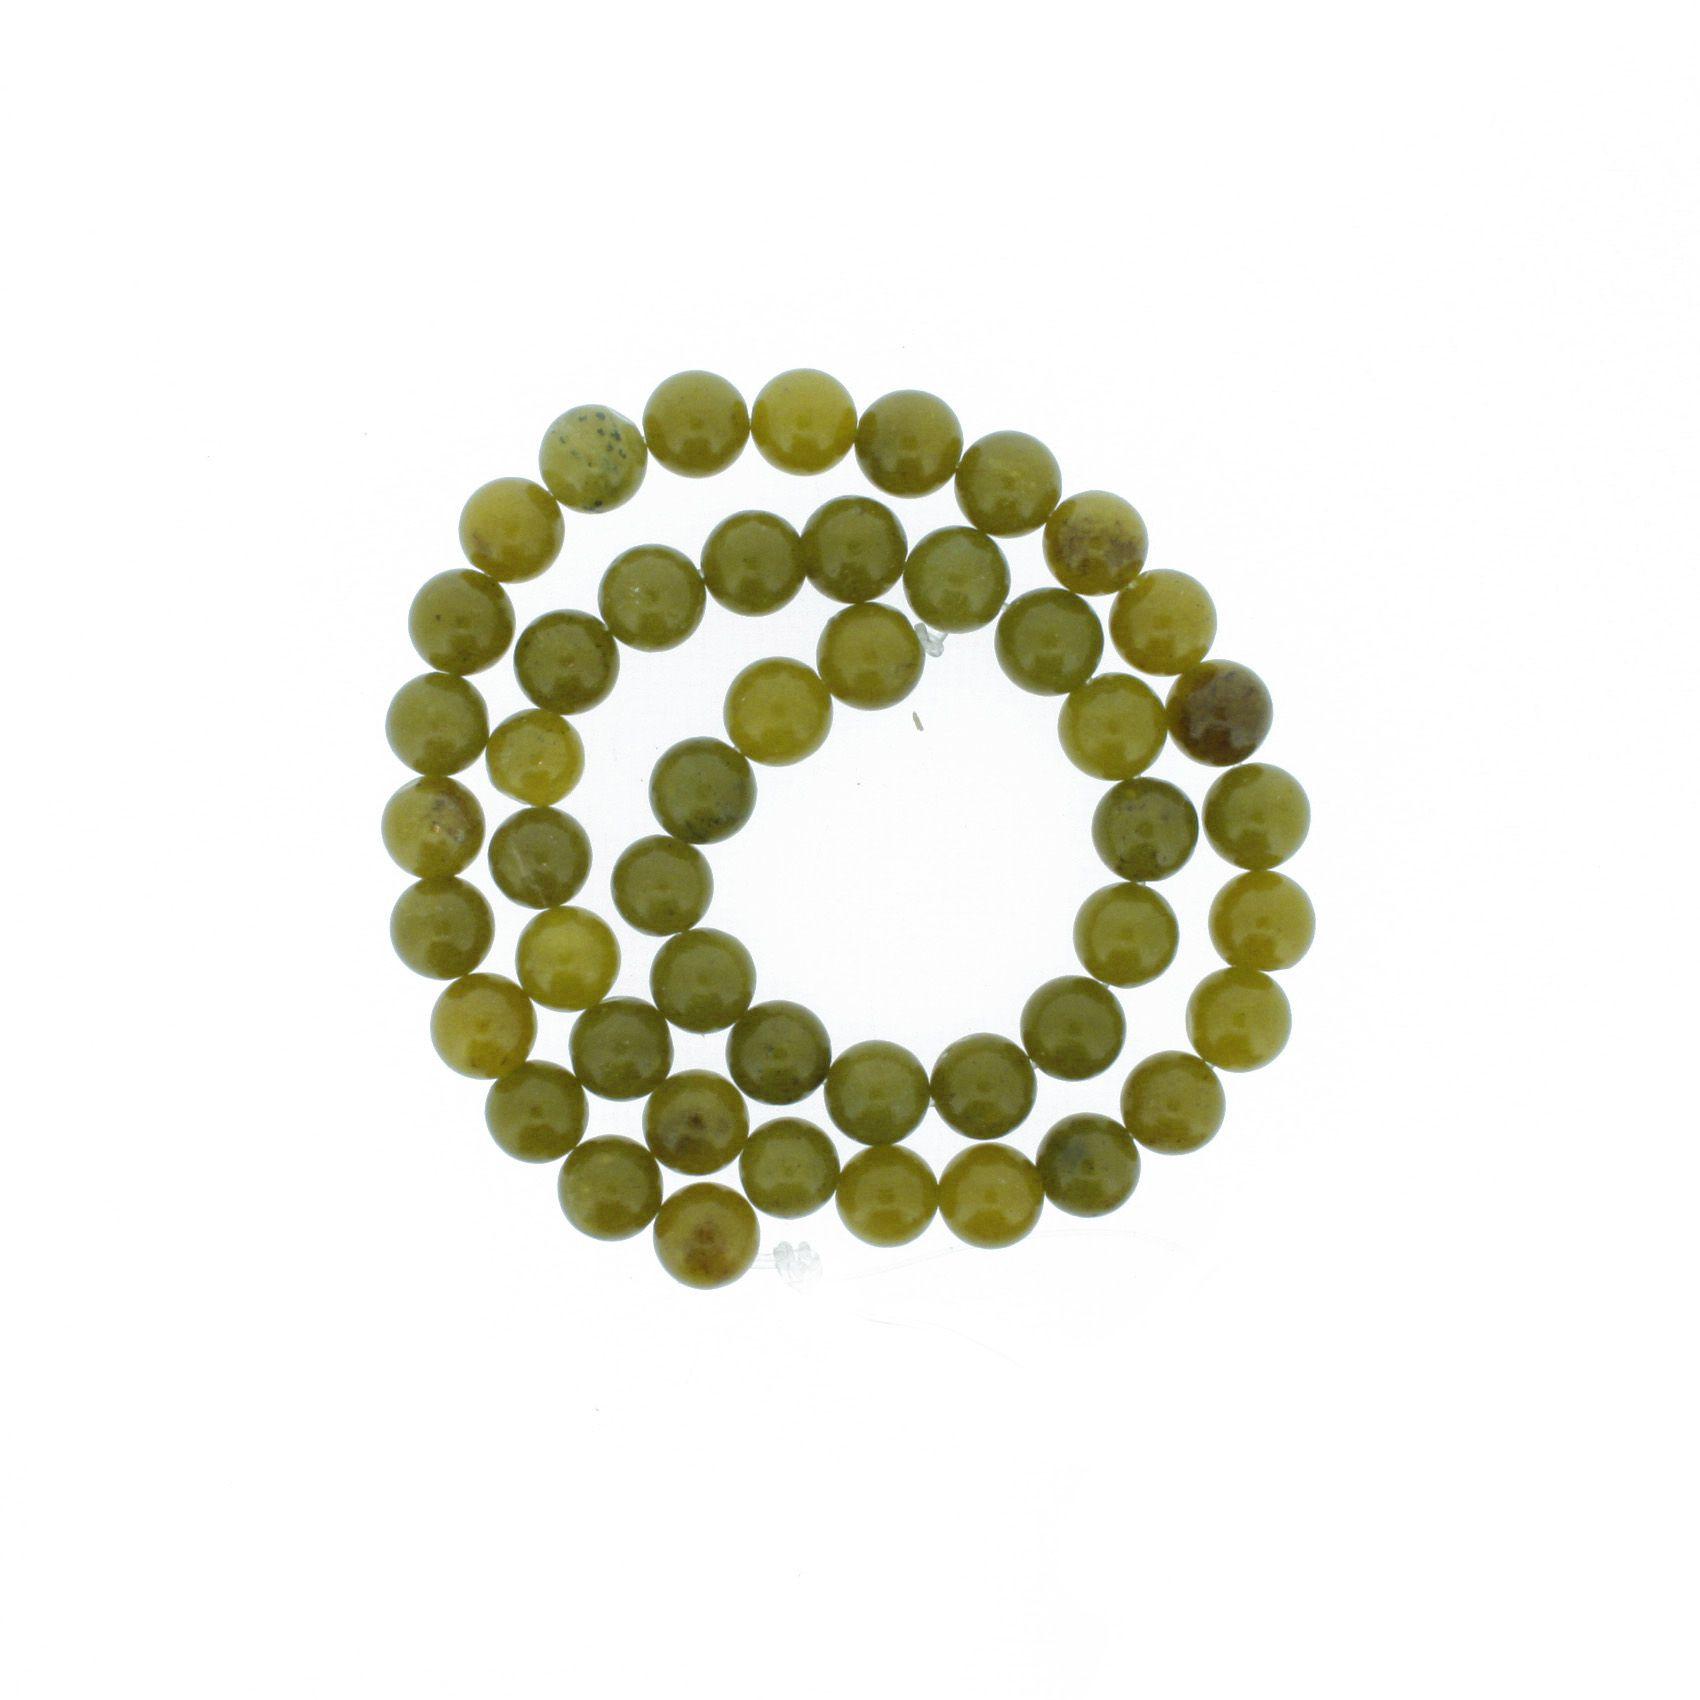 Fio de Pedra - Pietra® - Jade Oliva - 8mm  - Universo Religioso® - Artigos de Umbanda e Candomblé